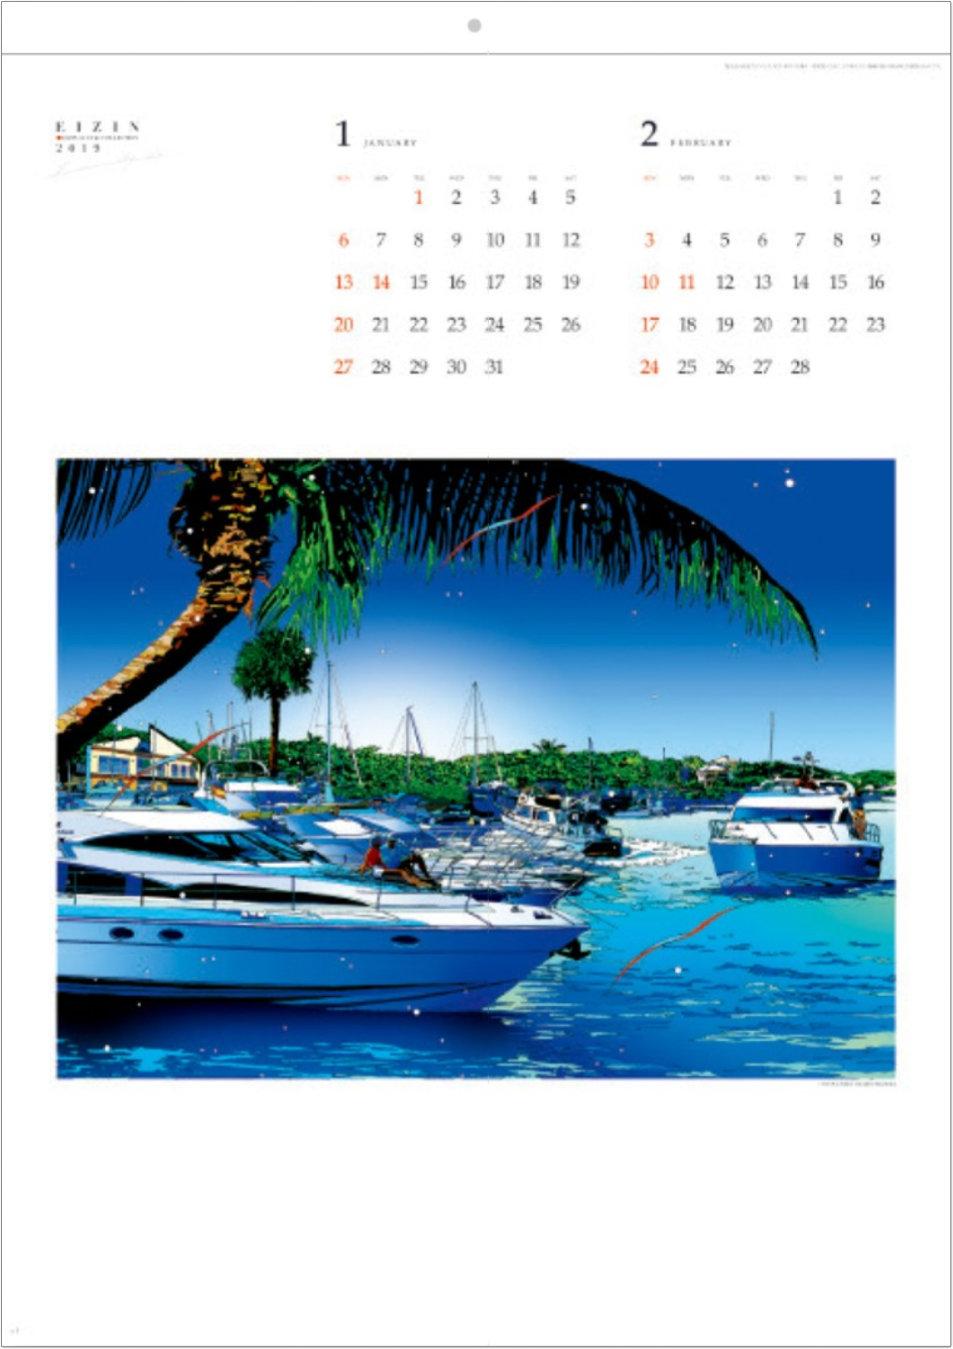 画像:鈴木英人 作品「トロピカルな休日」 鈴木英人コレクション EIZIN 2019年カレンダー